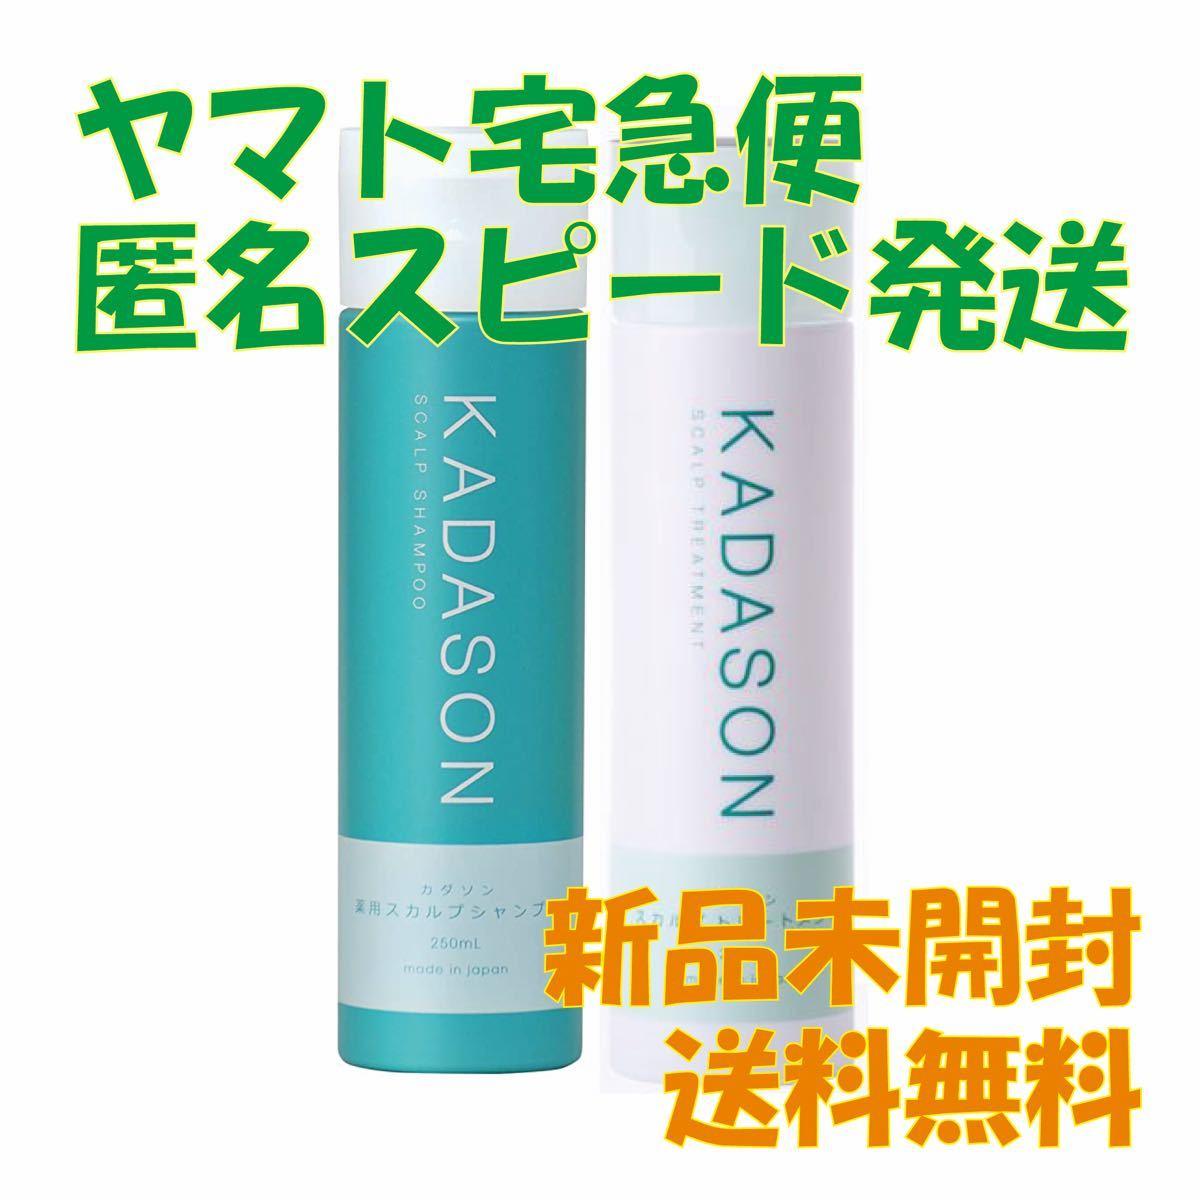 ★新品★KADASON スカルプシャンプー&トリートメント 250ml カダソン セット カダソンスカルプシャンプー 薬用